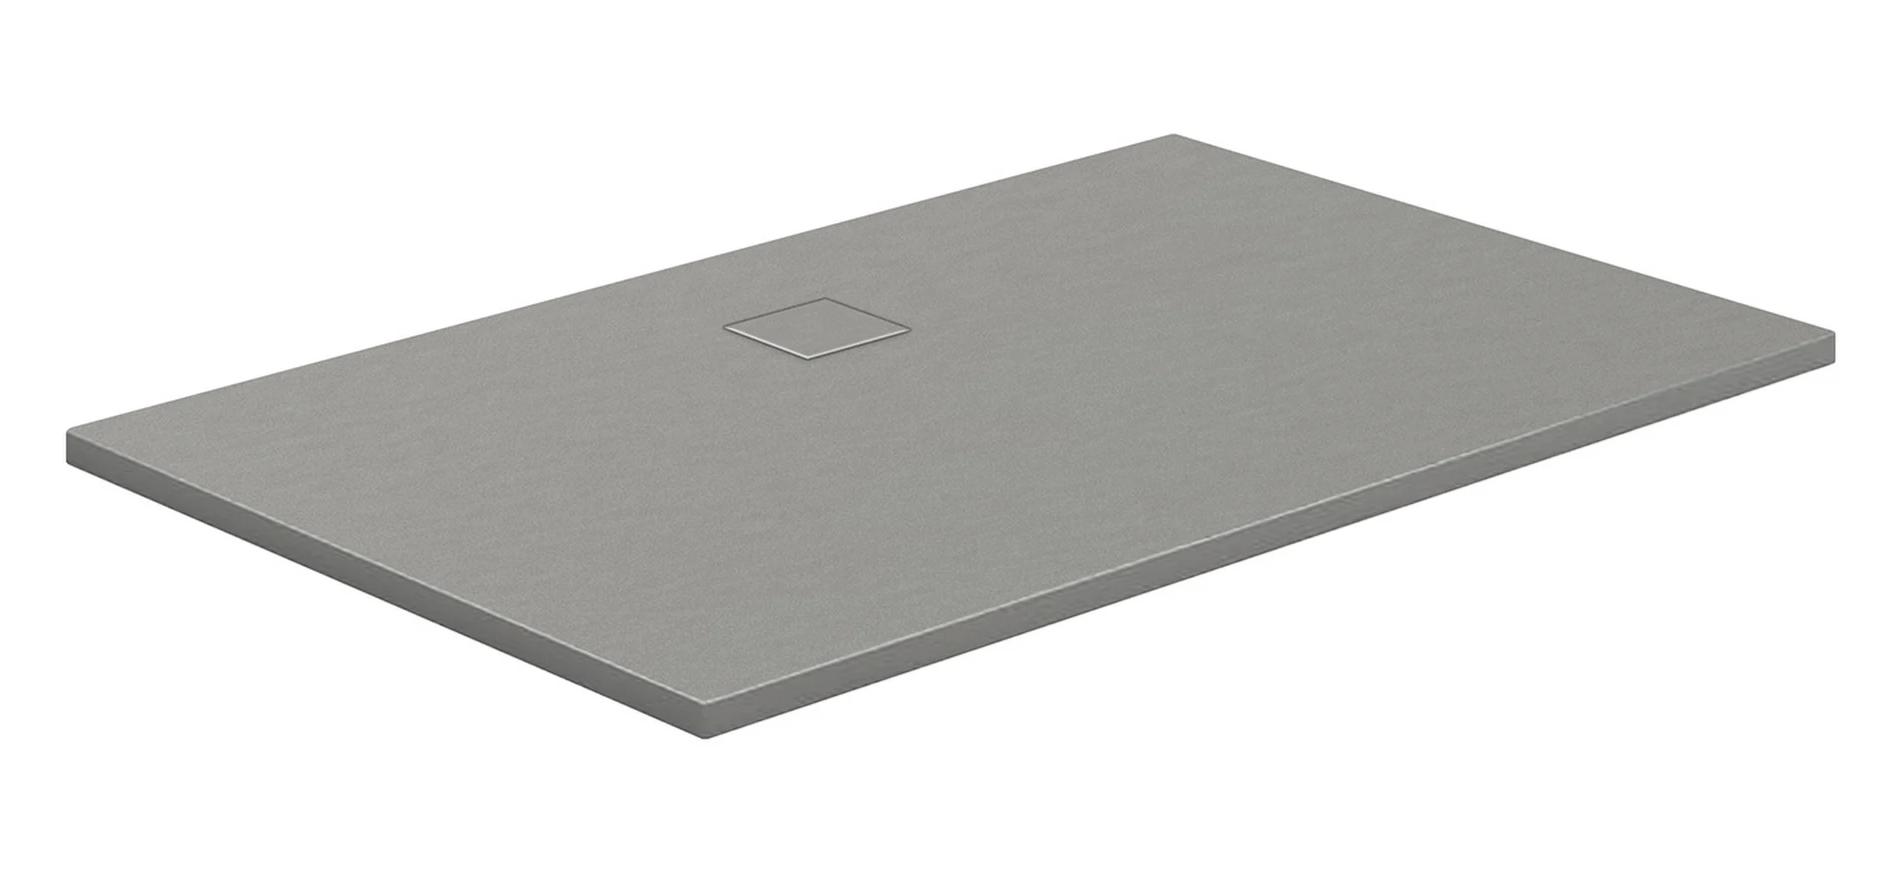 HSK Marmor-Polymer-Duschwannen, Steinoptik - Rechteck 75x120 Sandstein ohne AntiSlip-Beschichtigung